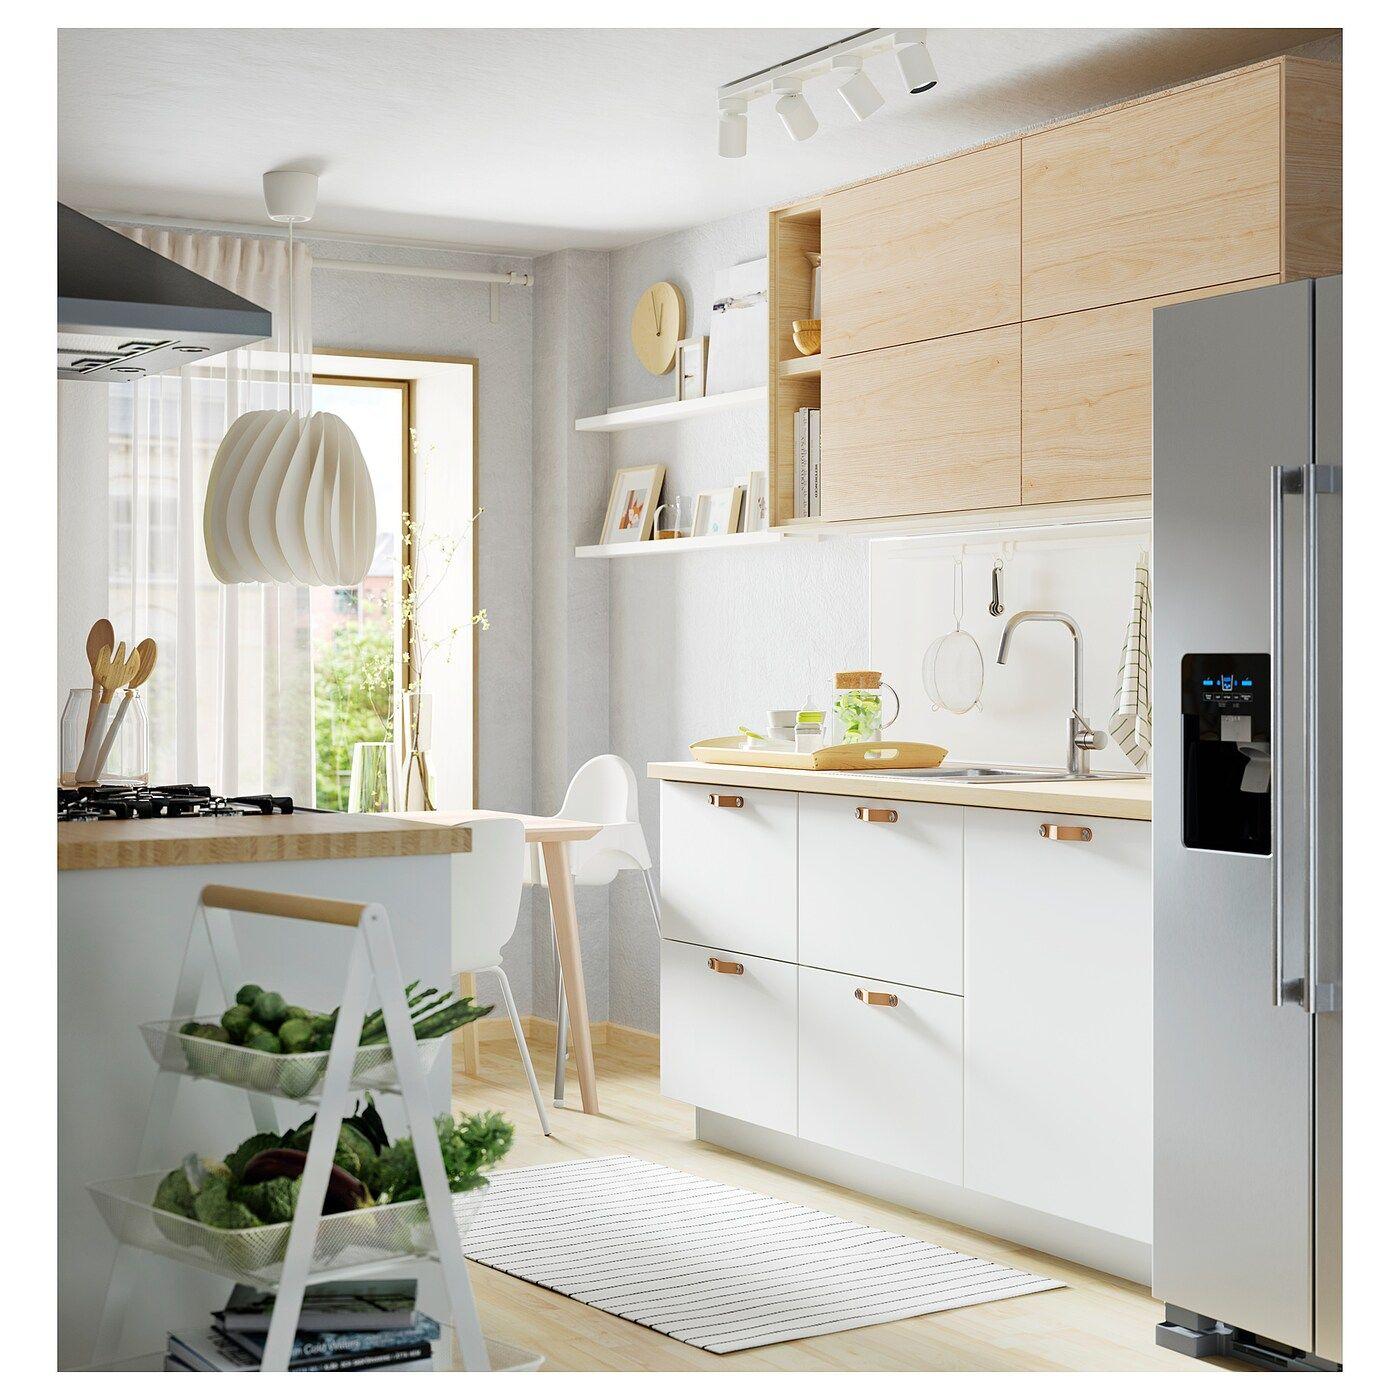 Countertop Ash Veneer 74x1 1 2 Countertops Wood Countertops Kitchen Countertops